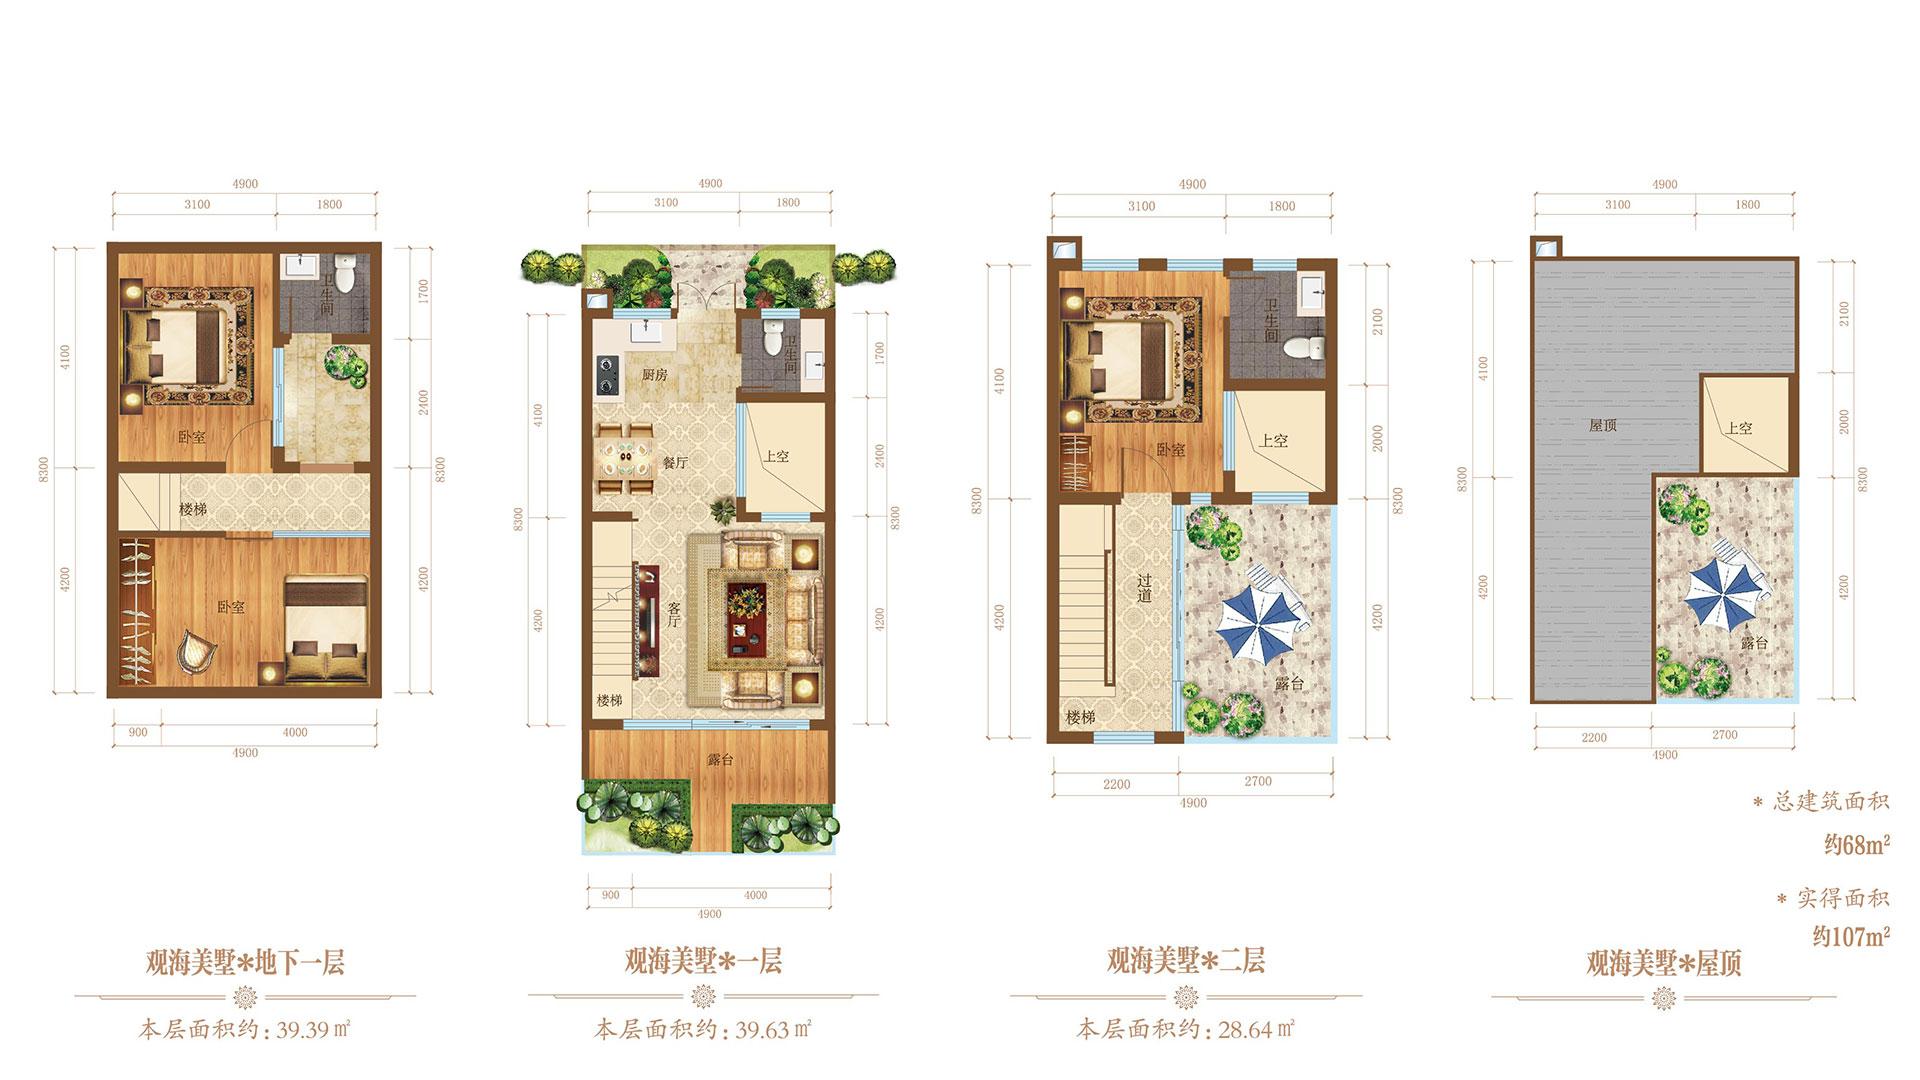 清凤海棠长滩3房1厅3卫 (建筑面积:68.00㎡)